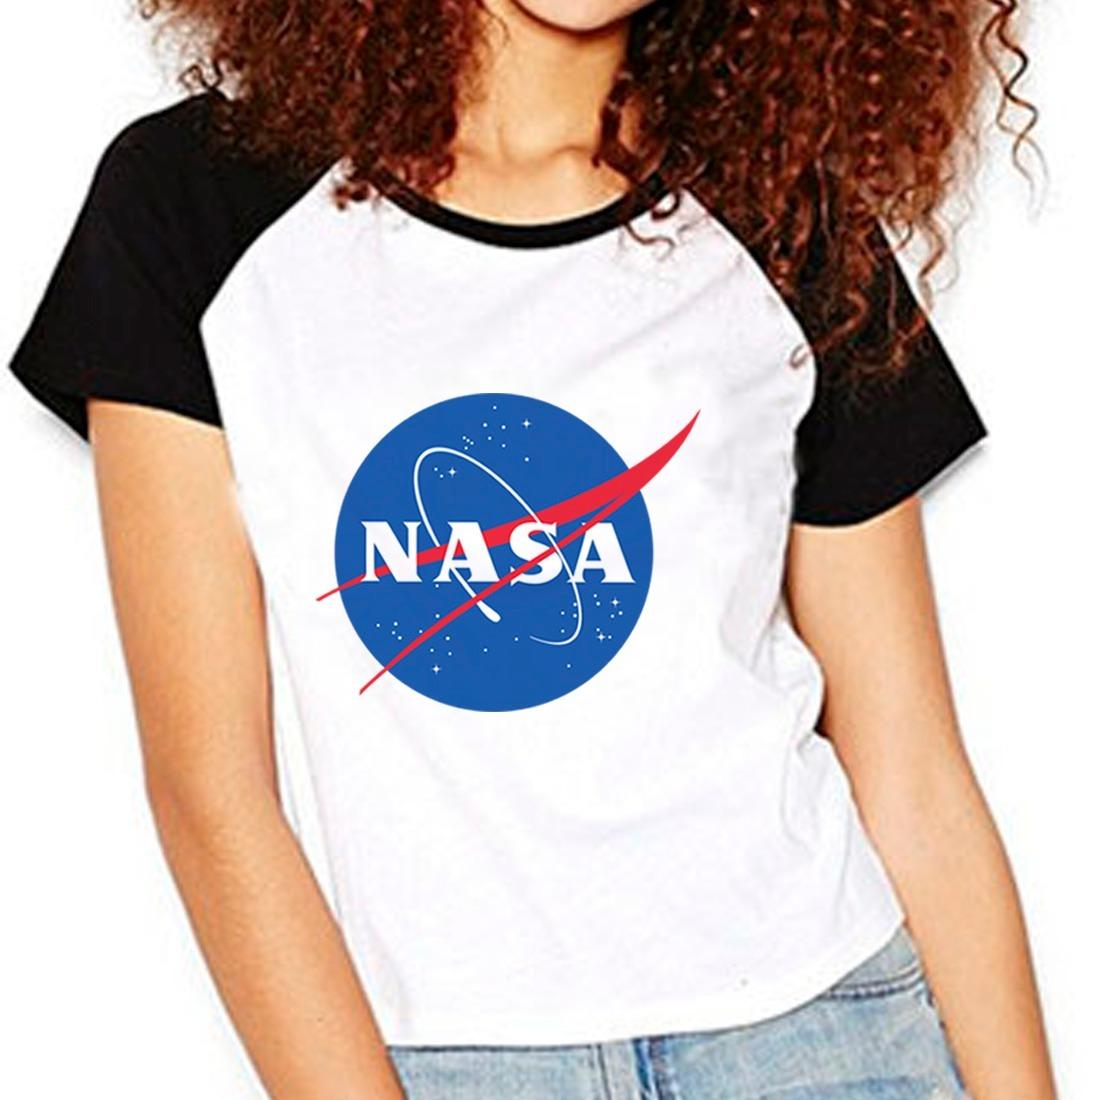 ecee81d42 camiseta nasa geek nerd cosplay raglan babylook. Carregando zoom.